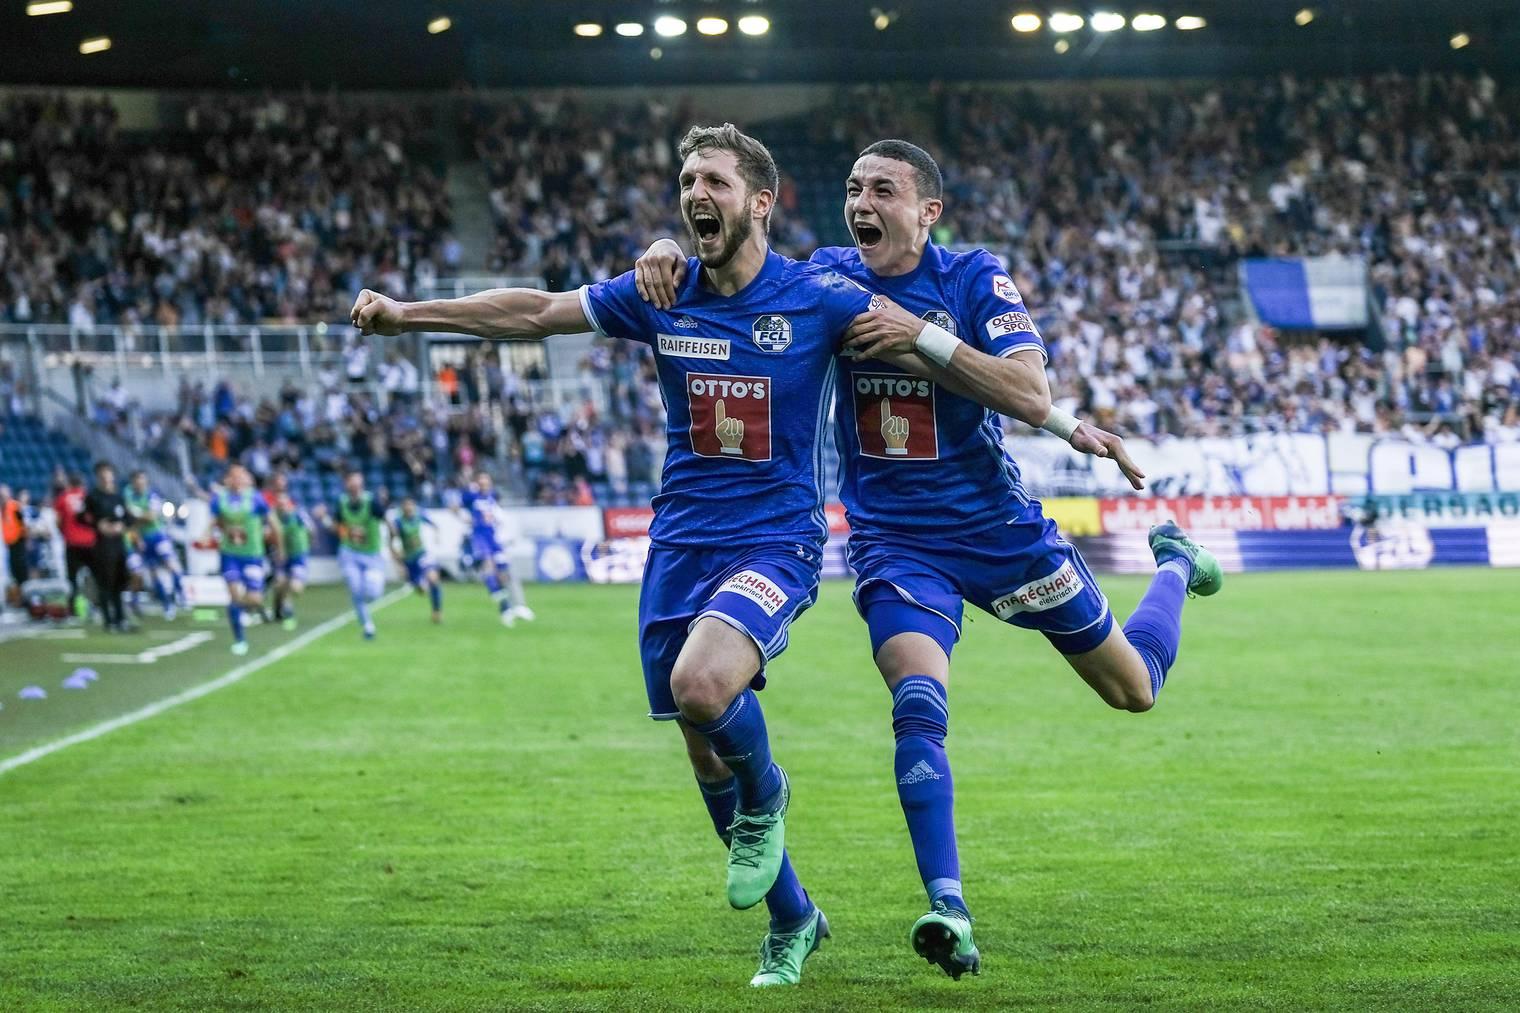 Grenzenloser Jubel von Siegestorschütze Simon Grether zusammen mit Ruben Vargas nach dem Last-Minute 2:1 gegen den FC Zürich.